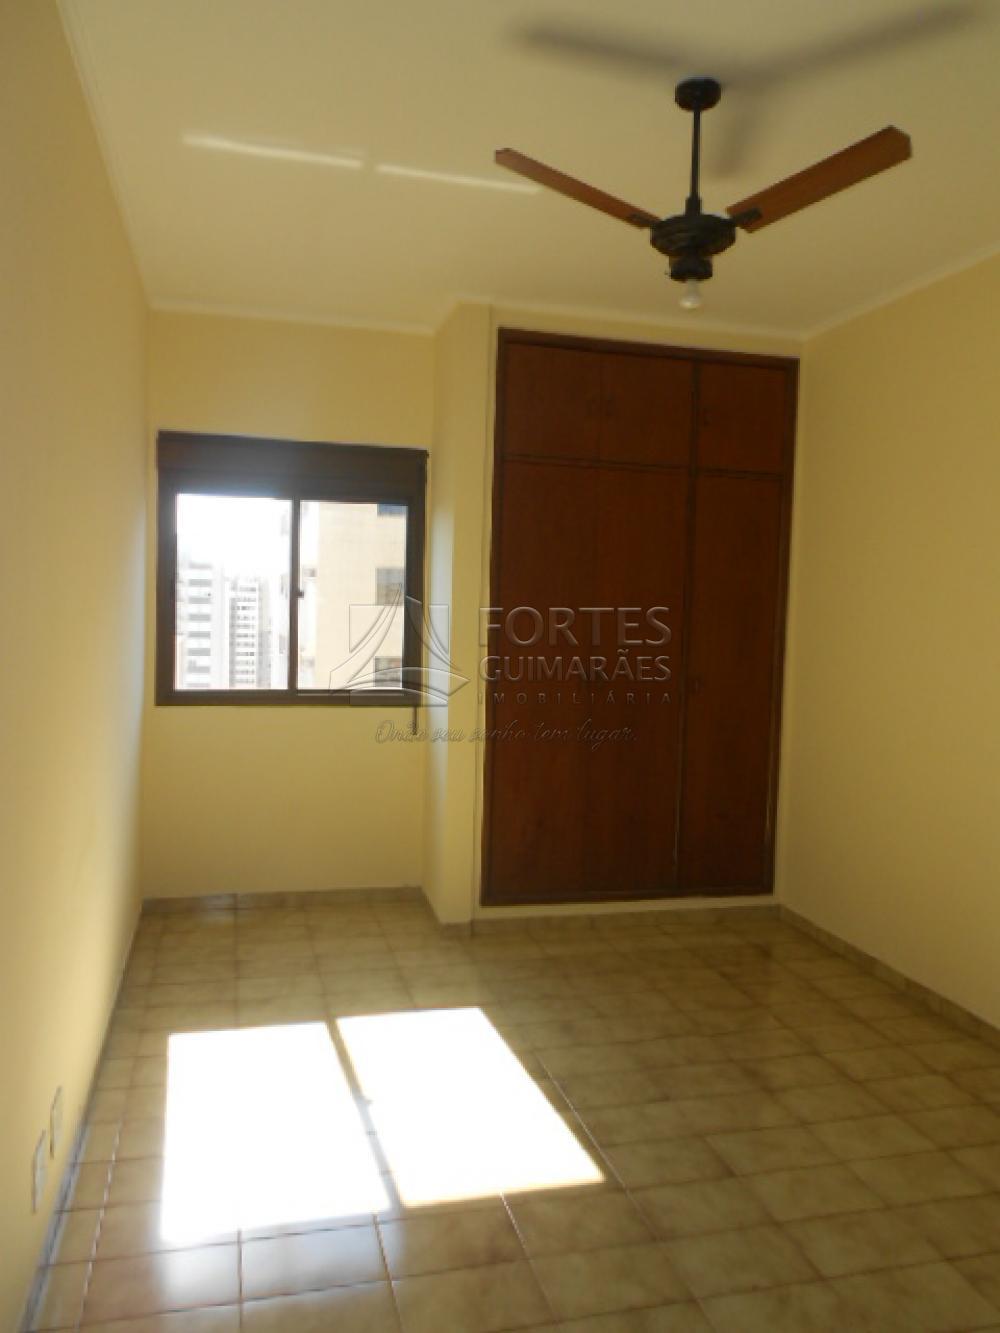 Alugar Apartamentos / Padrão em Ribeirão Preto apenas R$ 1.250,00 - Foto 23